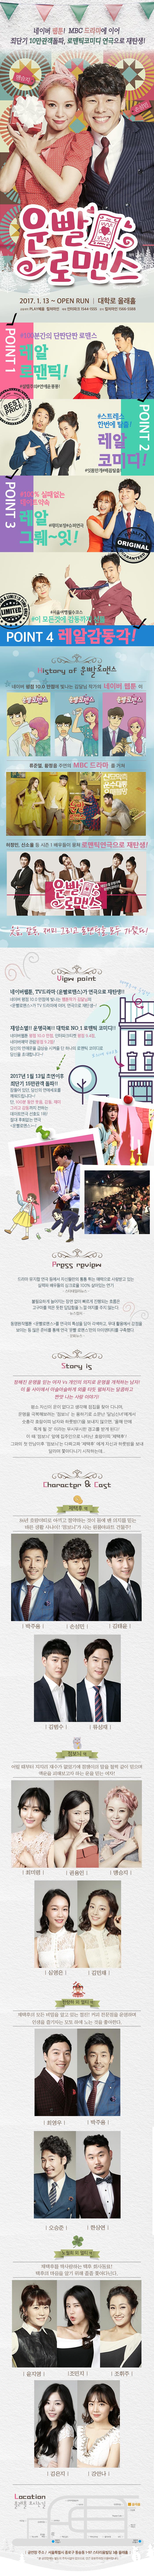 운빨로맨스_상세정보_3월(시즌3)_20180301 (1).jpg